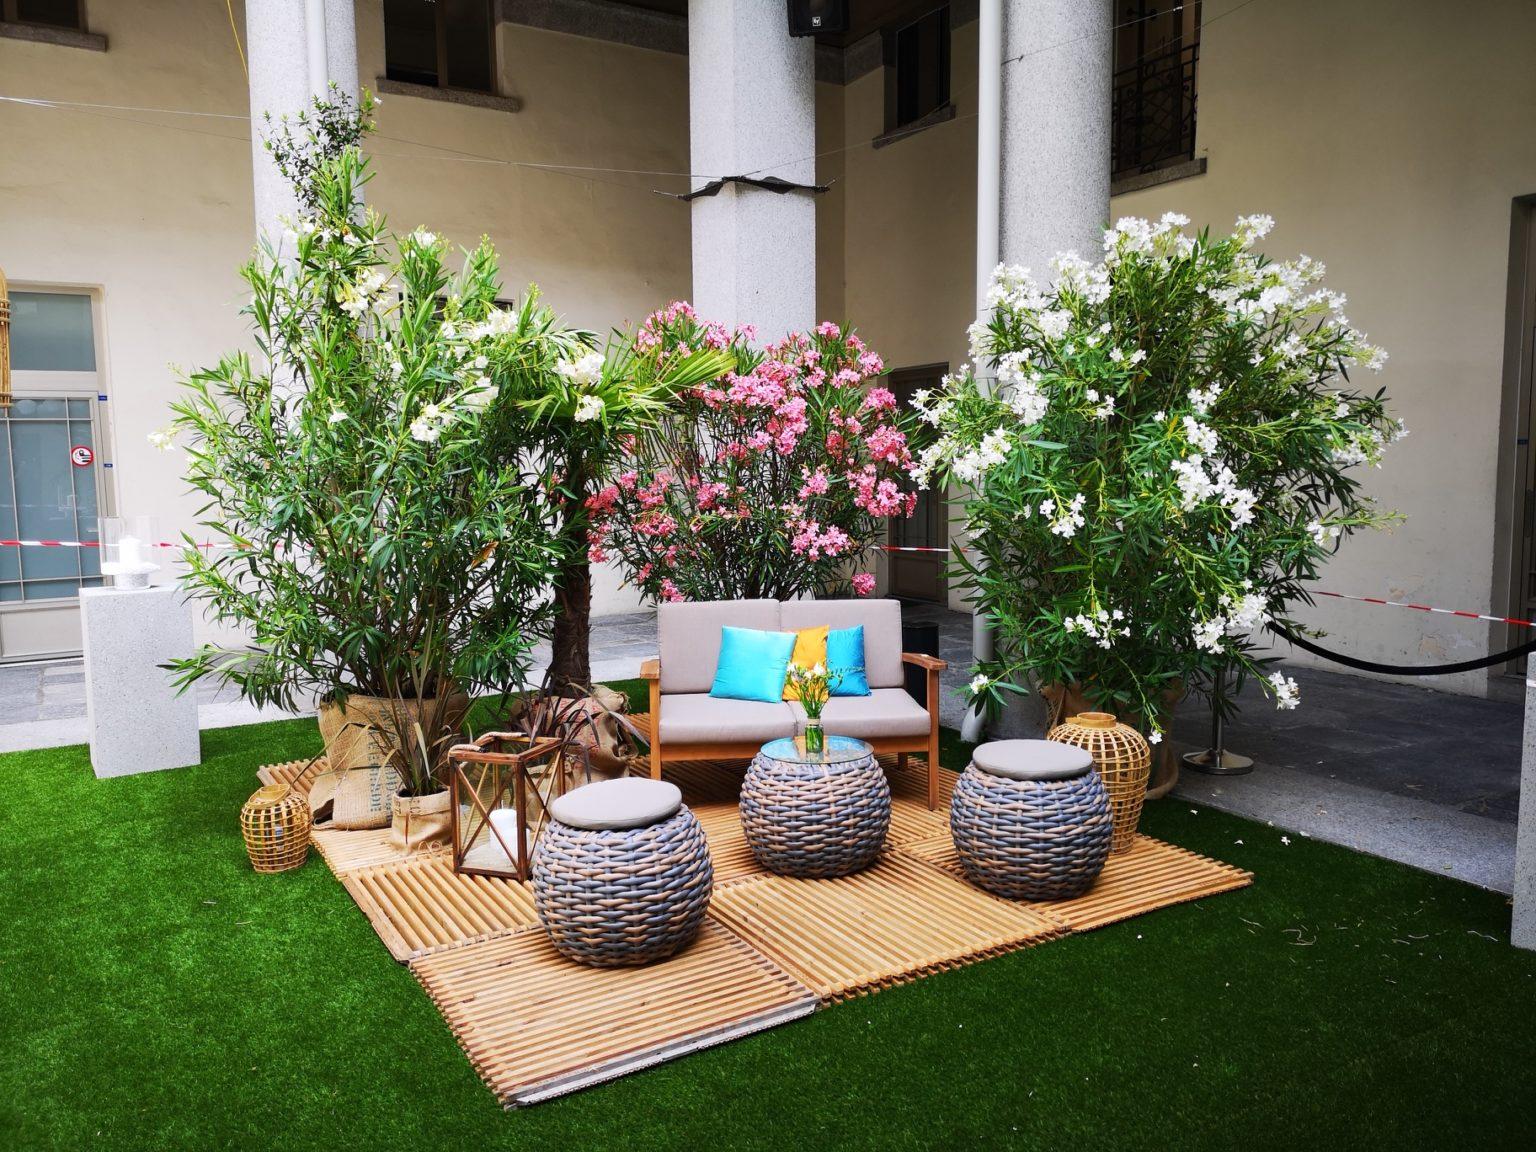 florida 2er sofa mieten rent-a-lounge 10